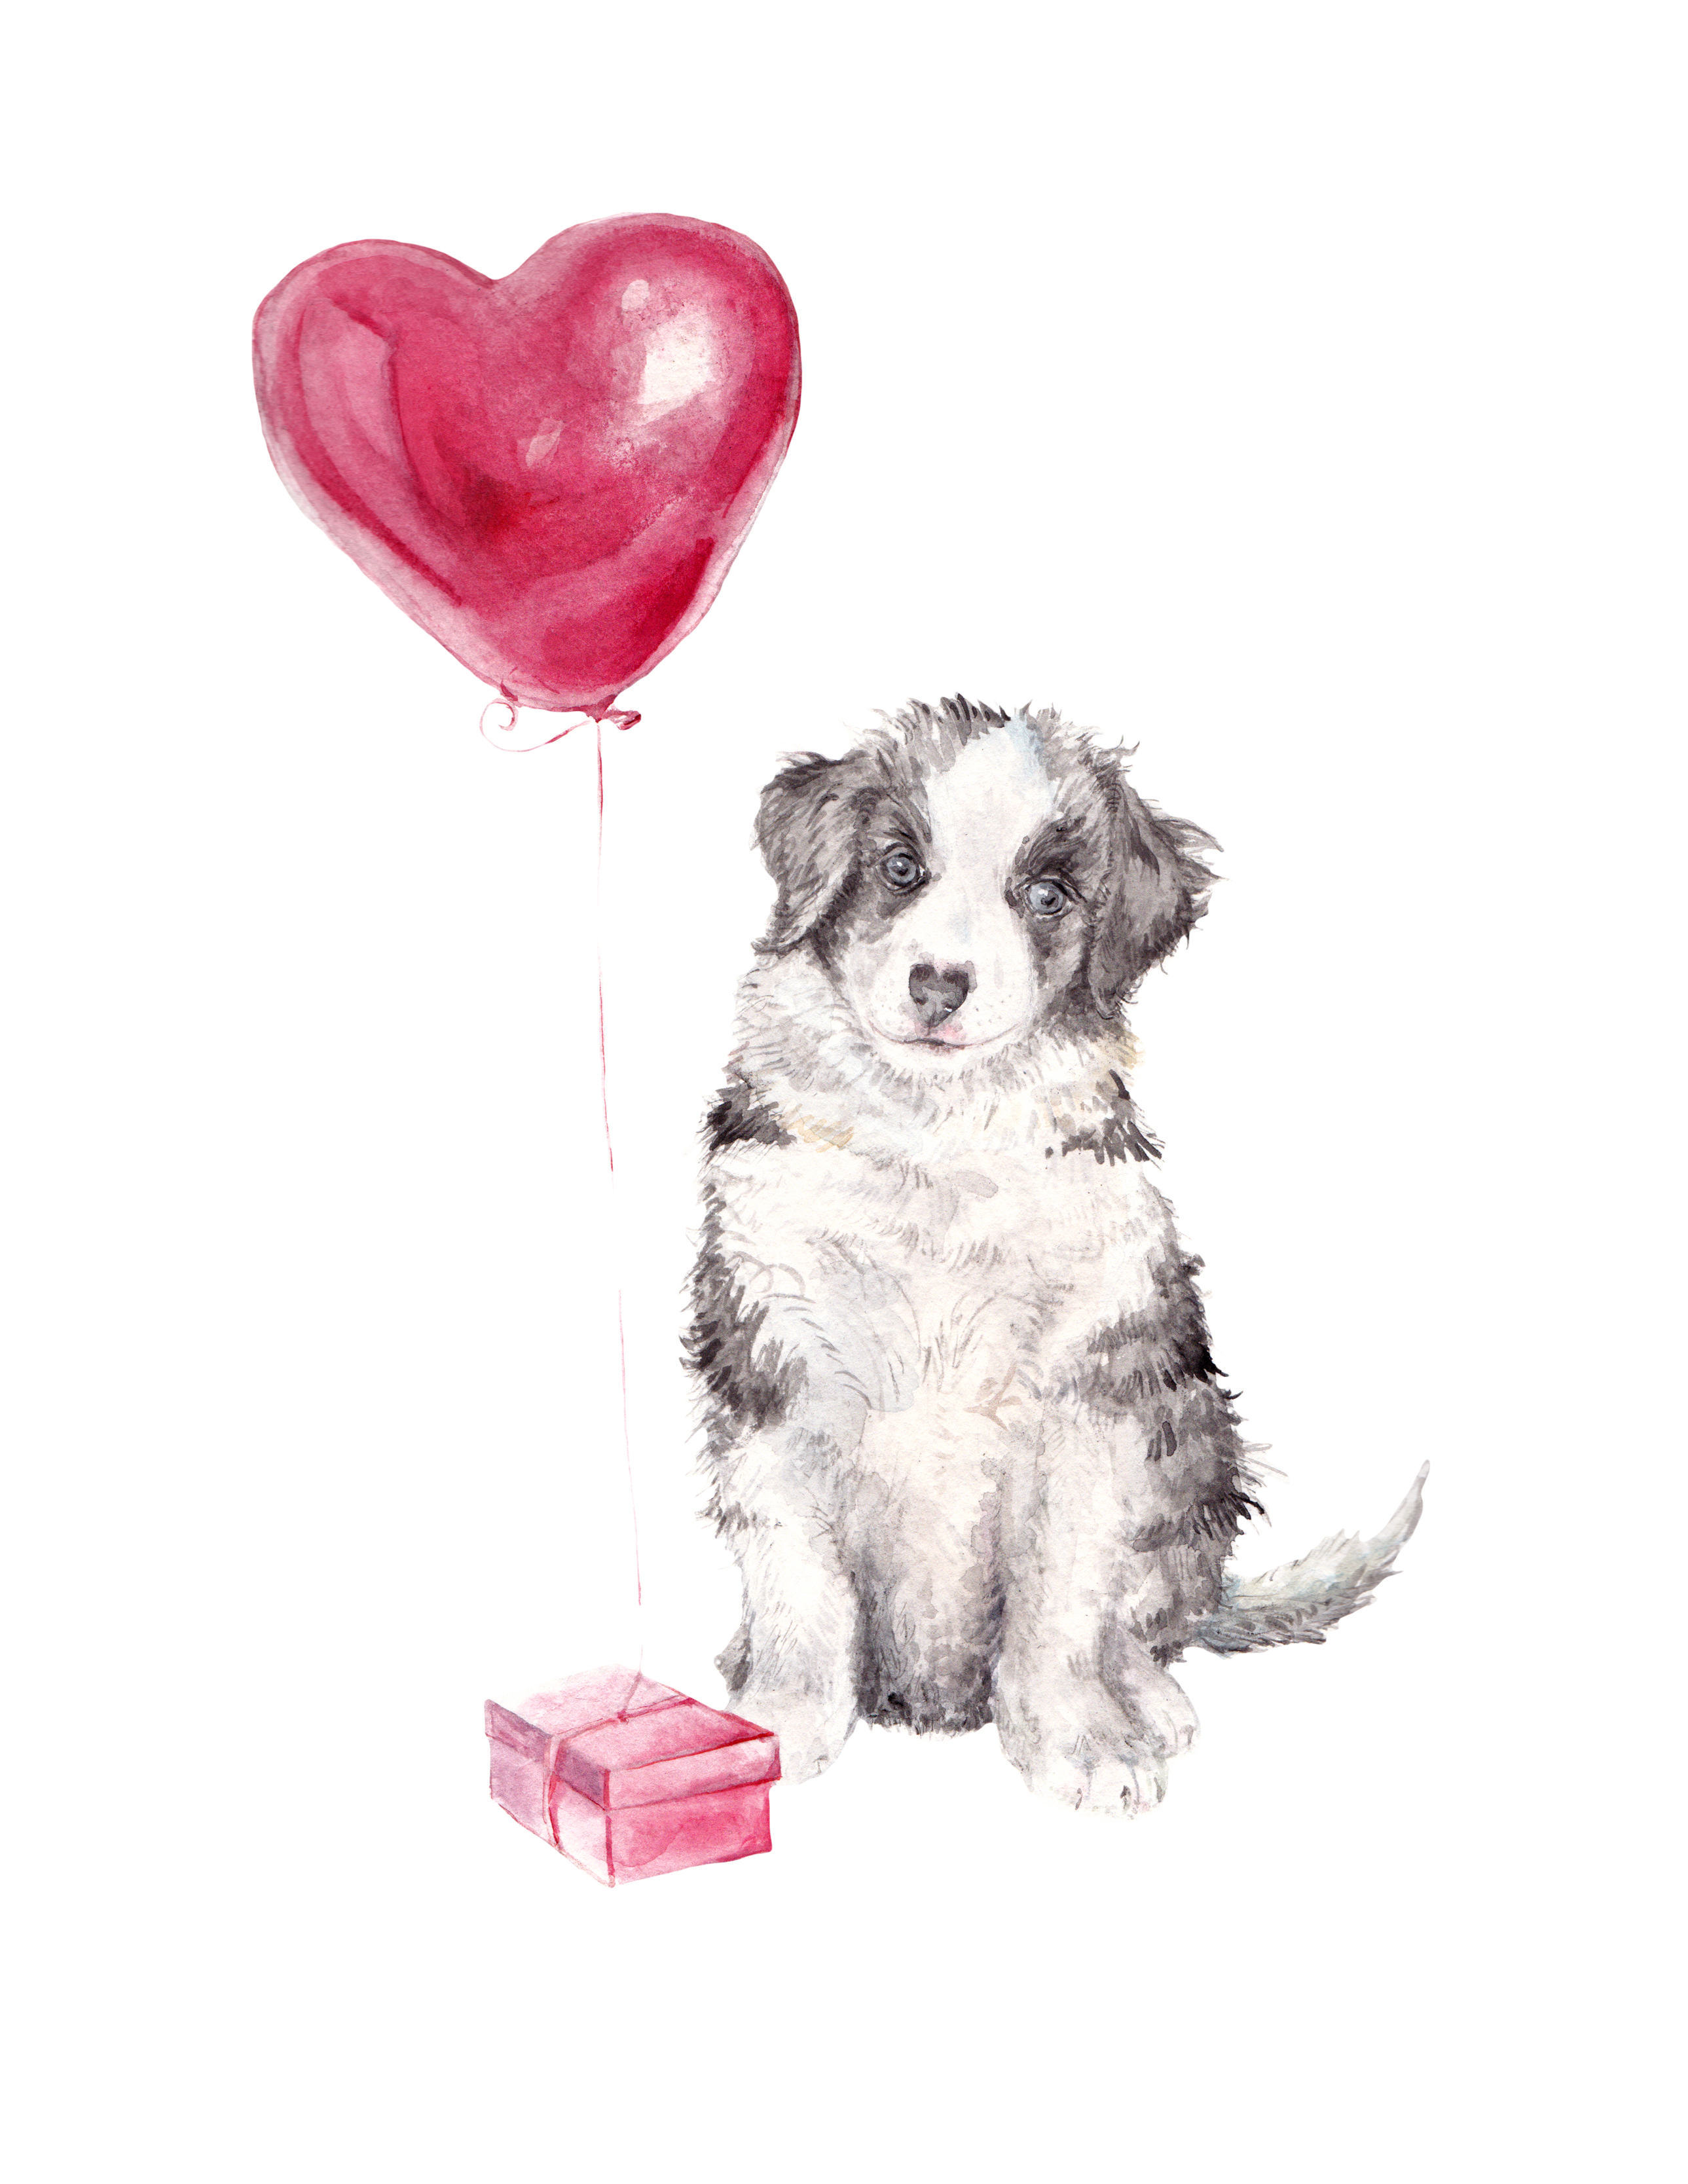 puppy balloon